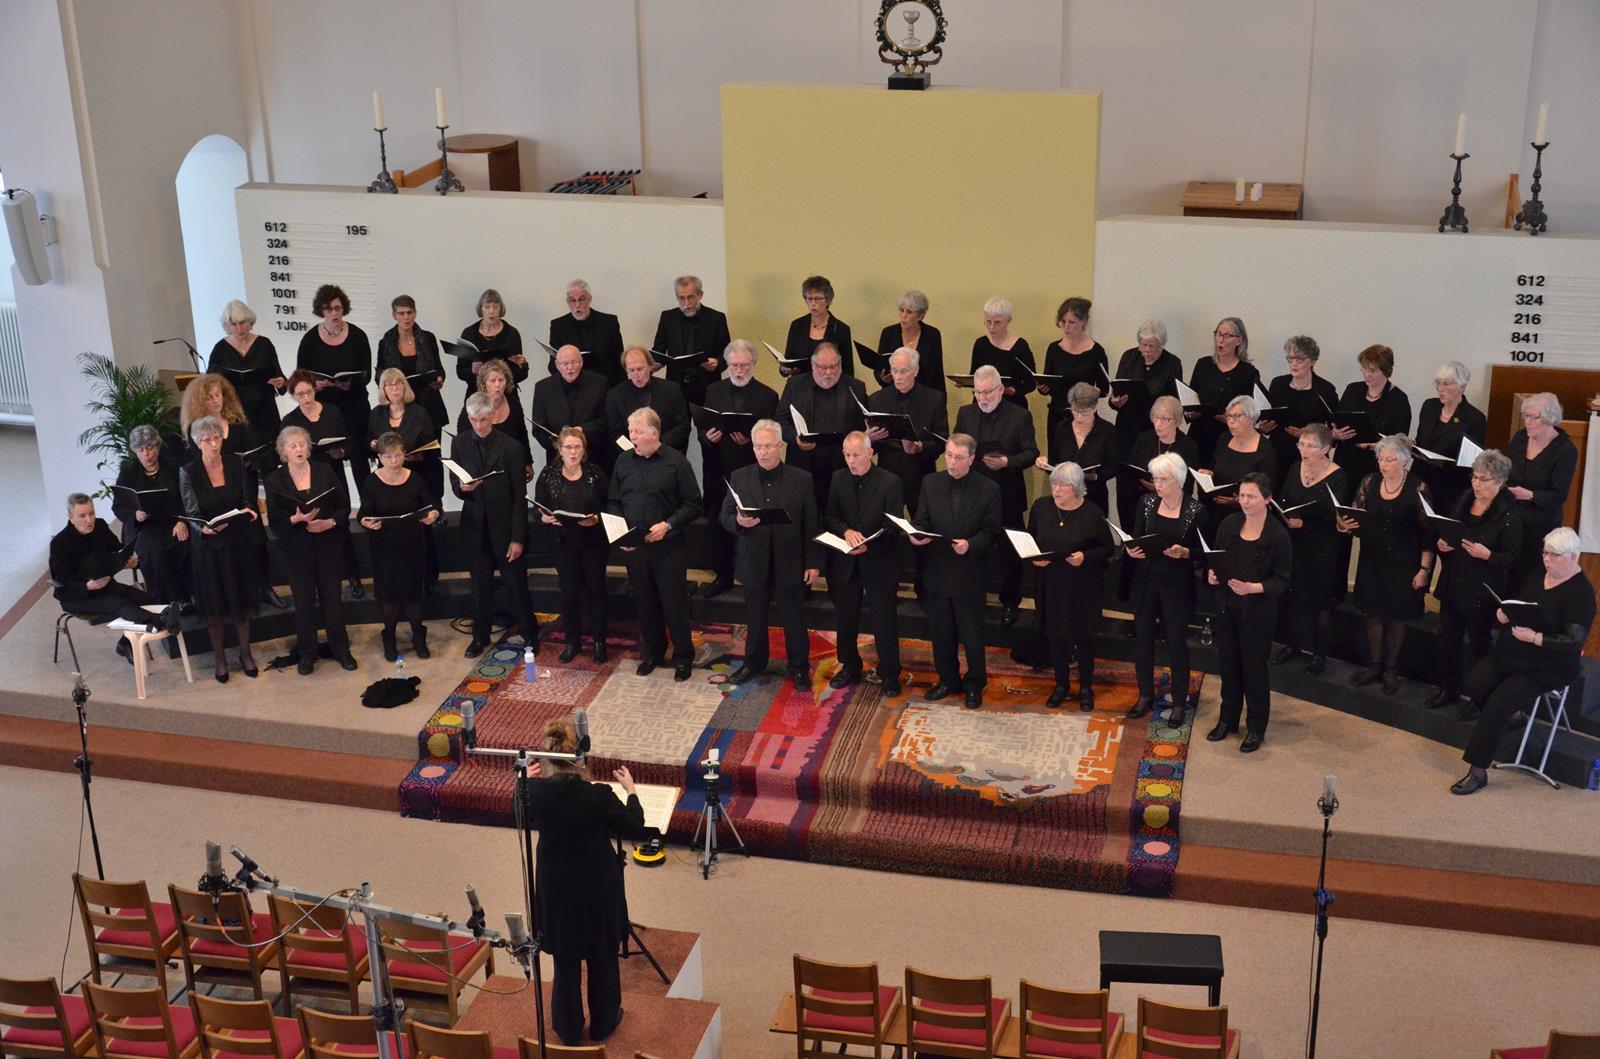 Oratoriumkoor COV Assen tijdens 4 mei concert in 2018.